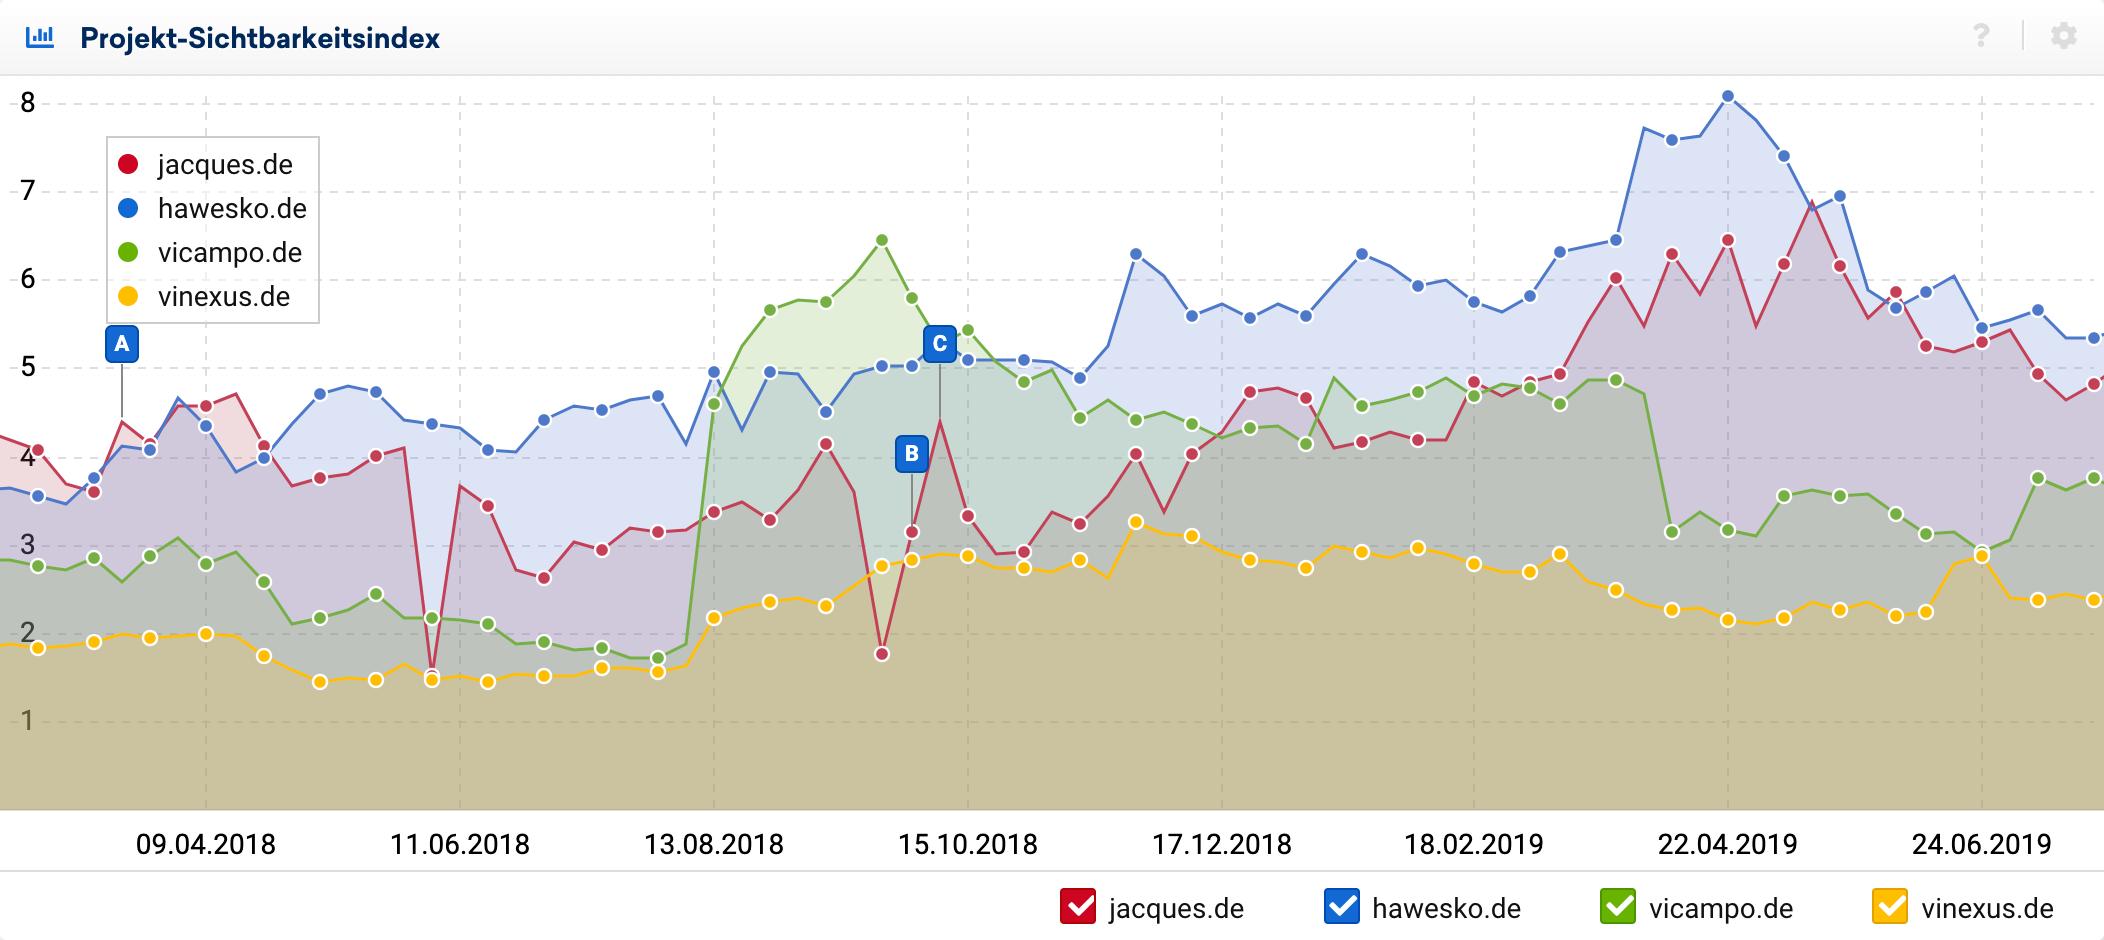 Sichtbarkeitsverlauf eines Projekt-Sichtbarkeitsindexes für 5 Domains im Optimizer der SISTRIX Toolbox.